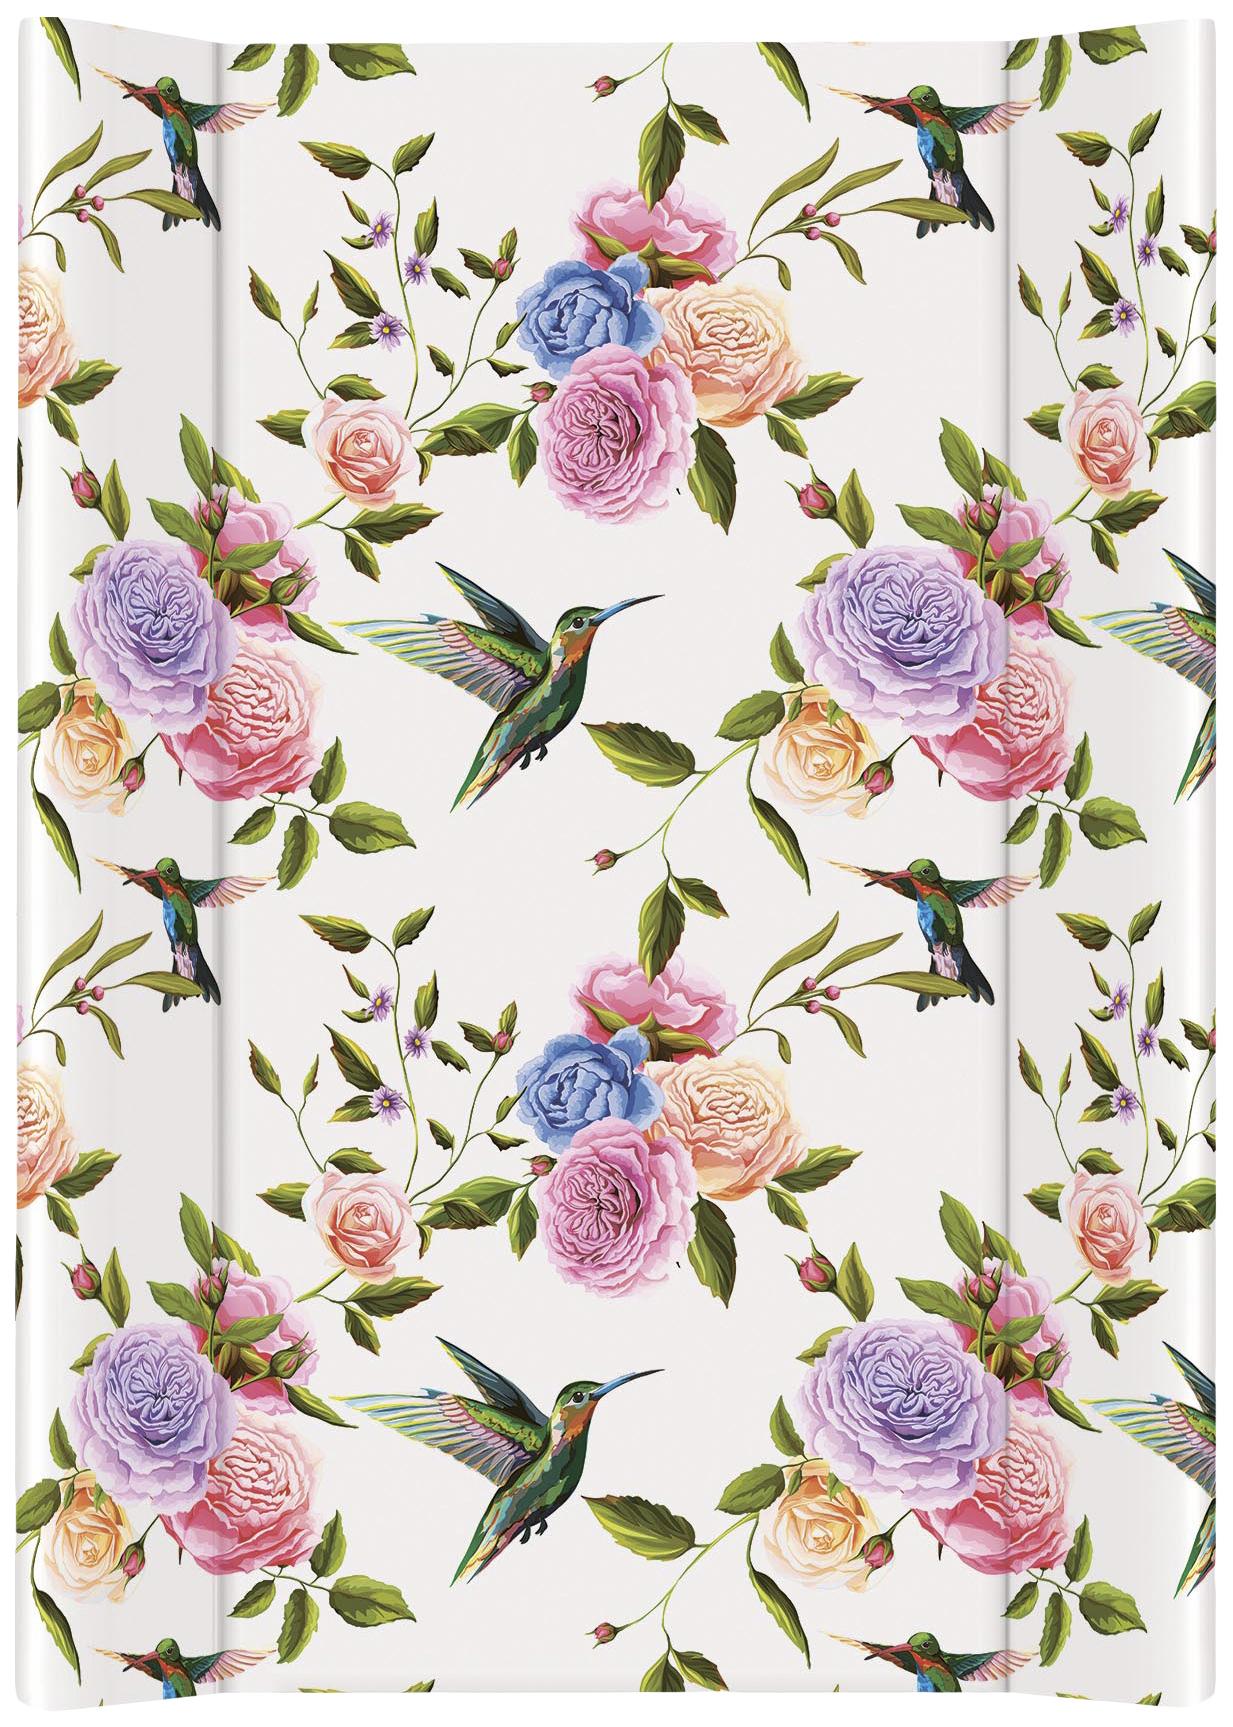 Матрац пеленальный Ceba Baby Flora & Fauna Flores W-200-099-546 фото